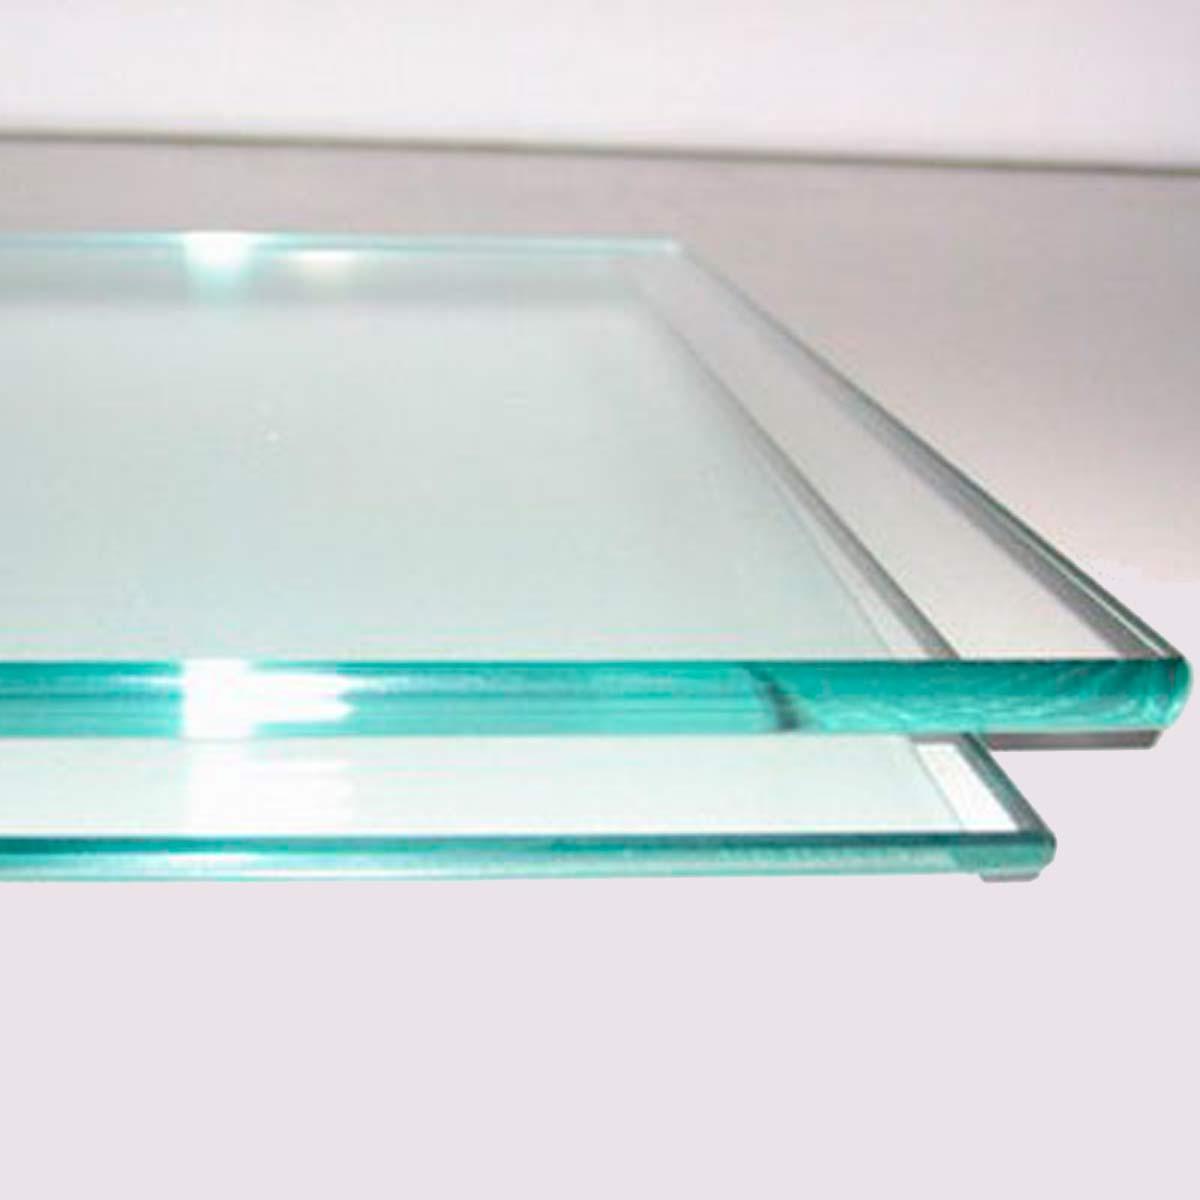 Precio Cristal Para Mesa Ffdn Cristal Para Mesa Palet De Vidrio Templado 120x80 Cm Decopale